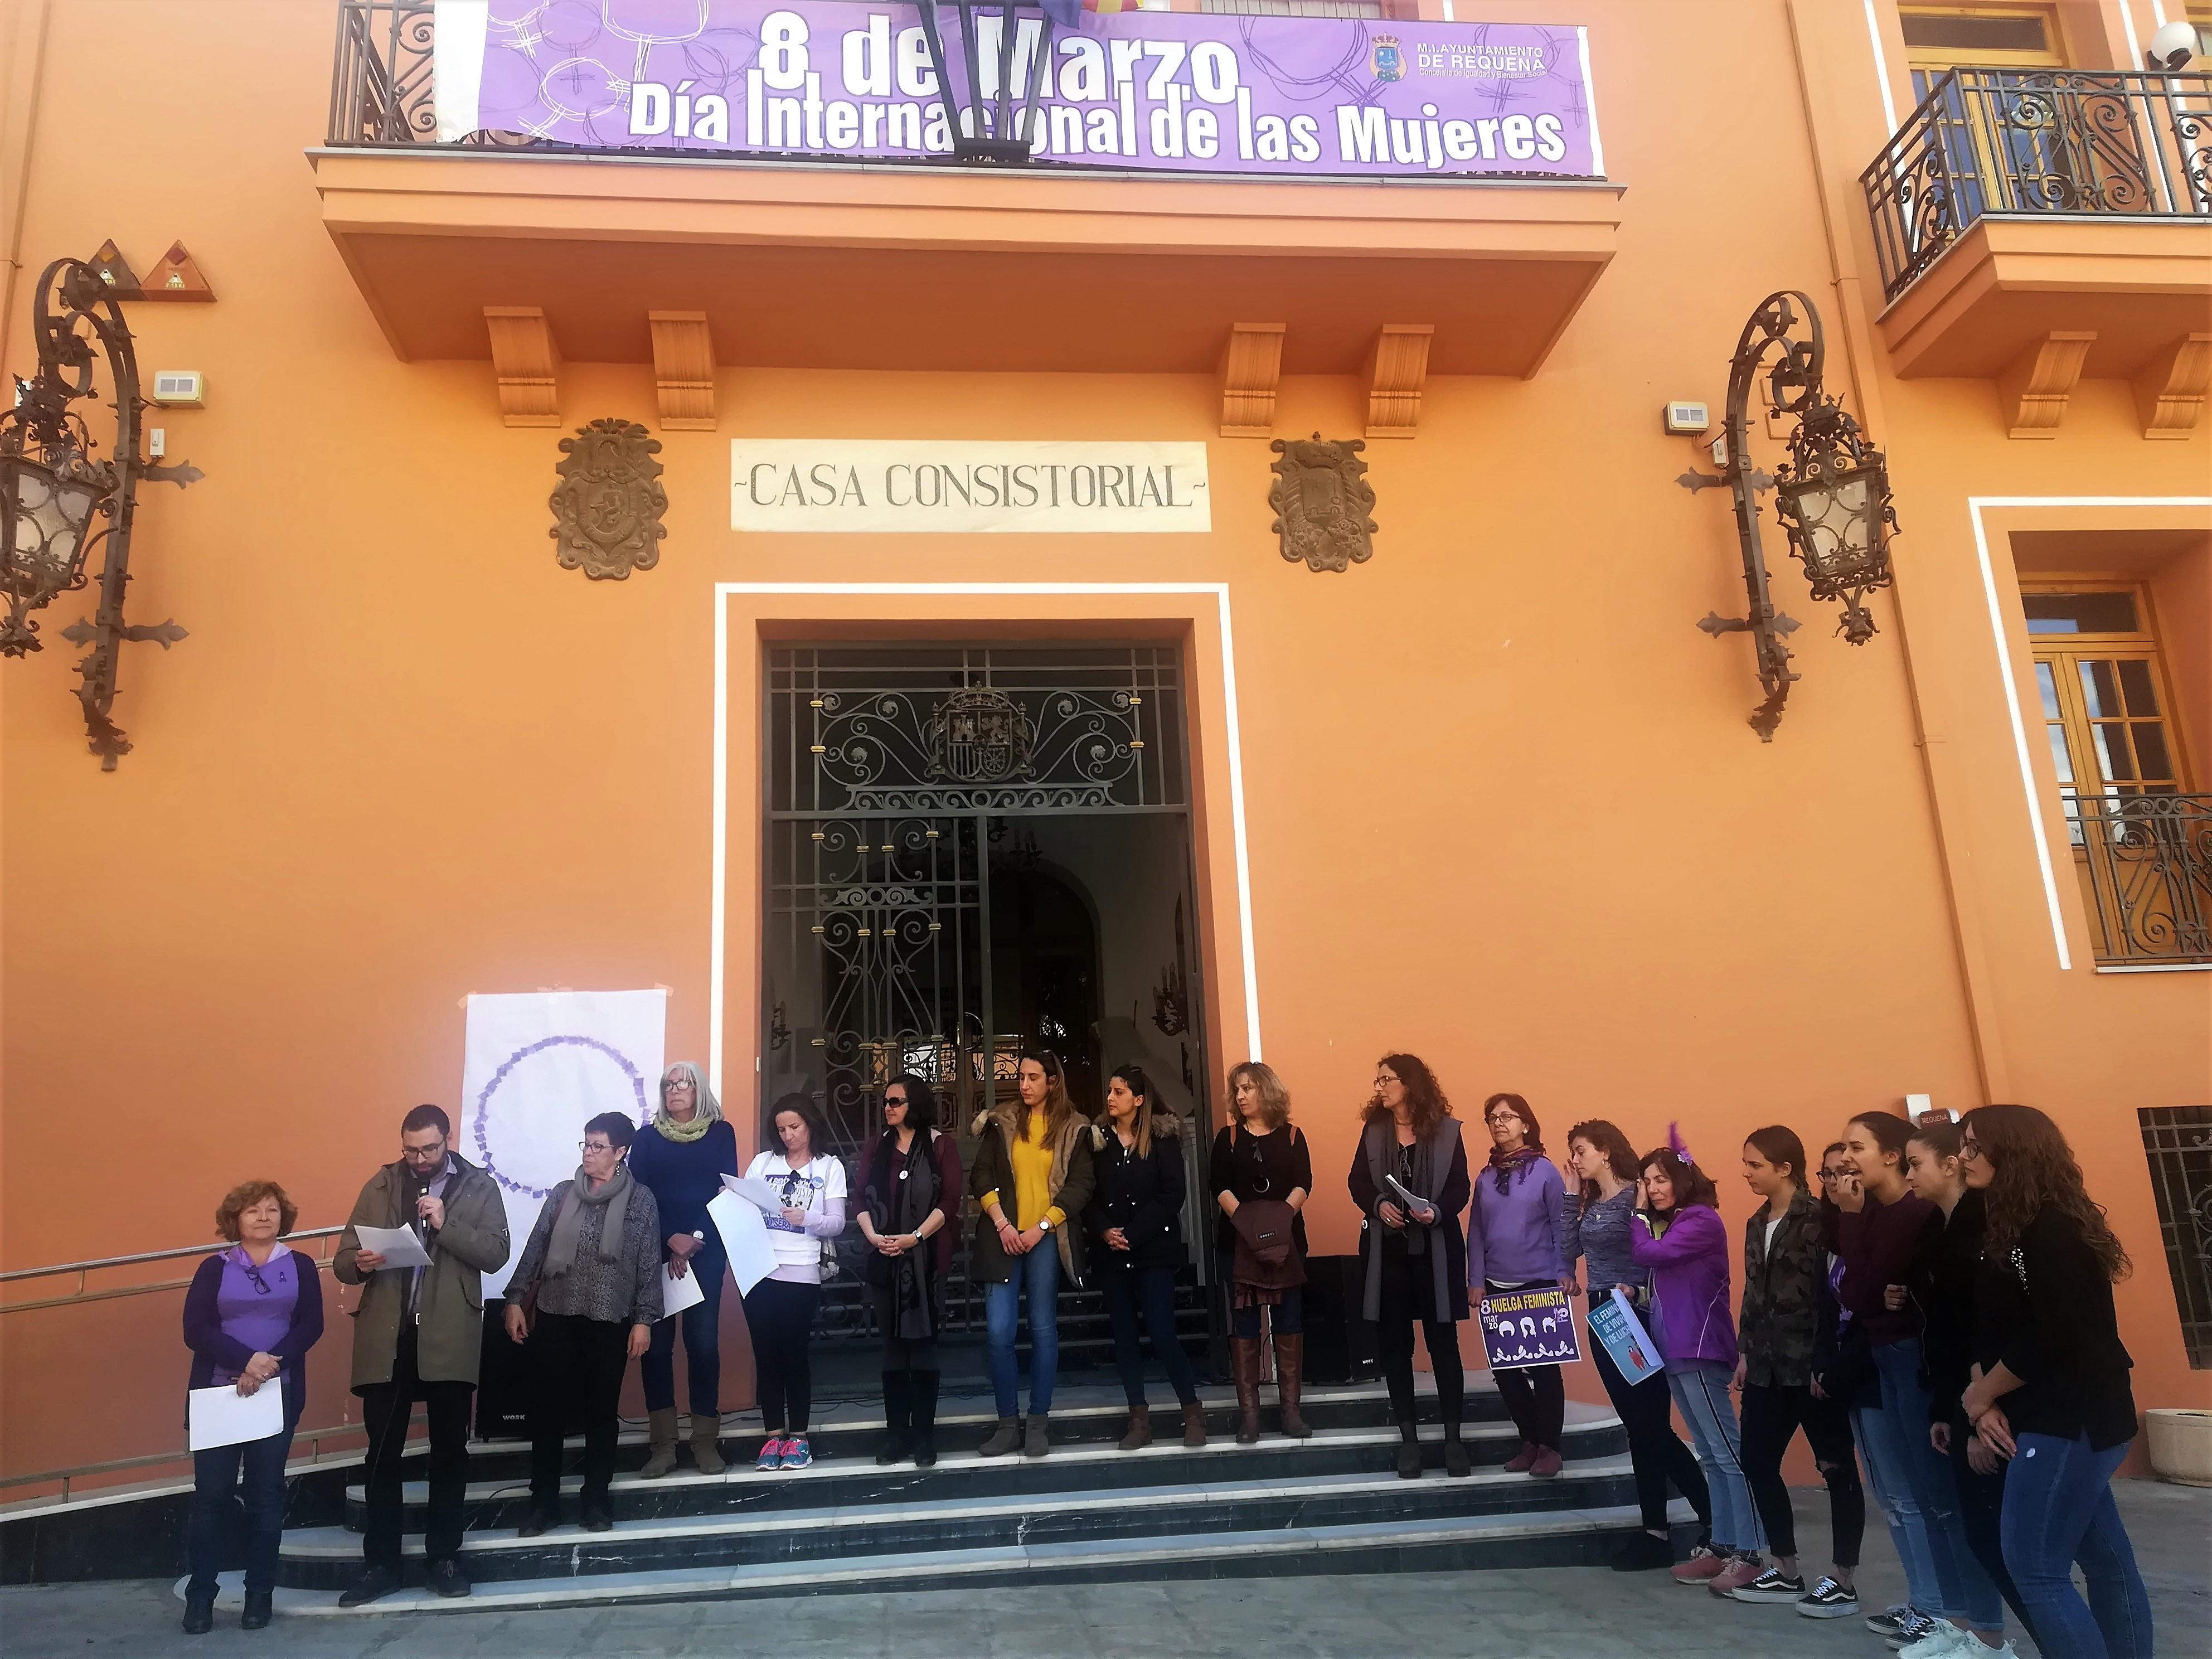 A las 13 horas se ha realizado una concentración y la lectura del Manifiesto del Día Internacional de las Mujeres en la puerta del Ayuntamiento.